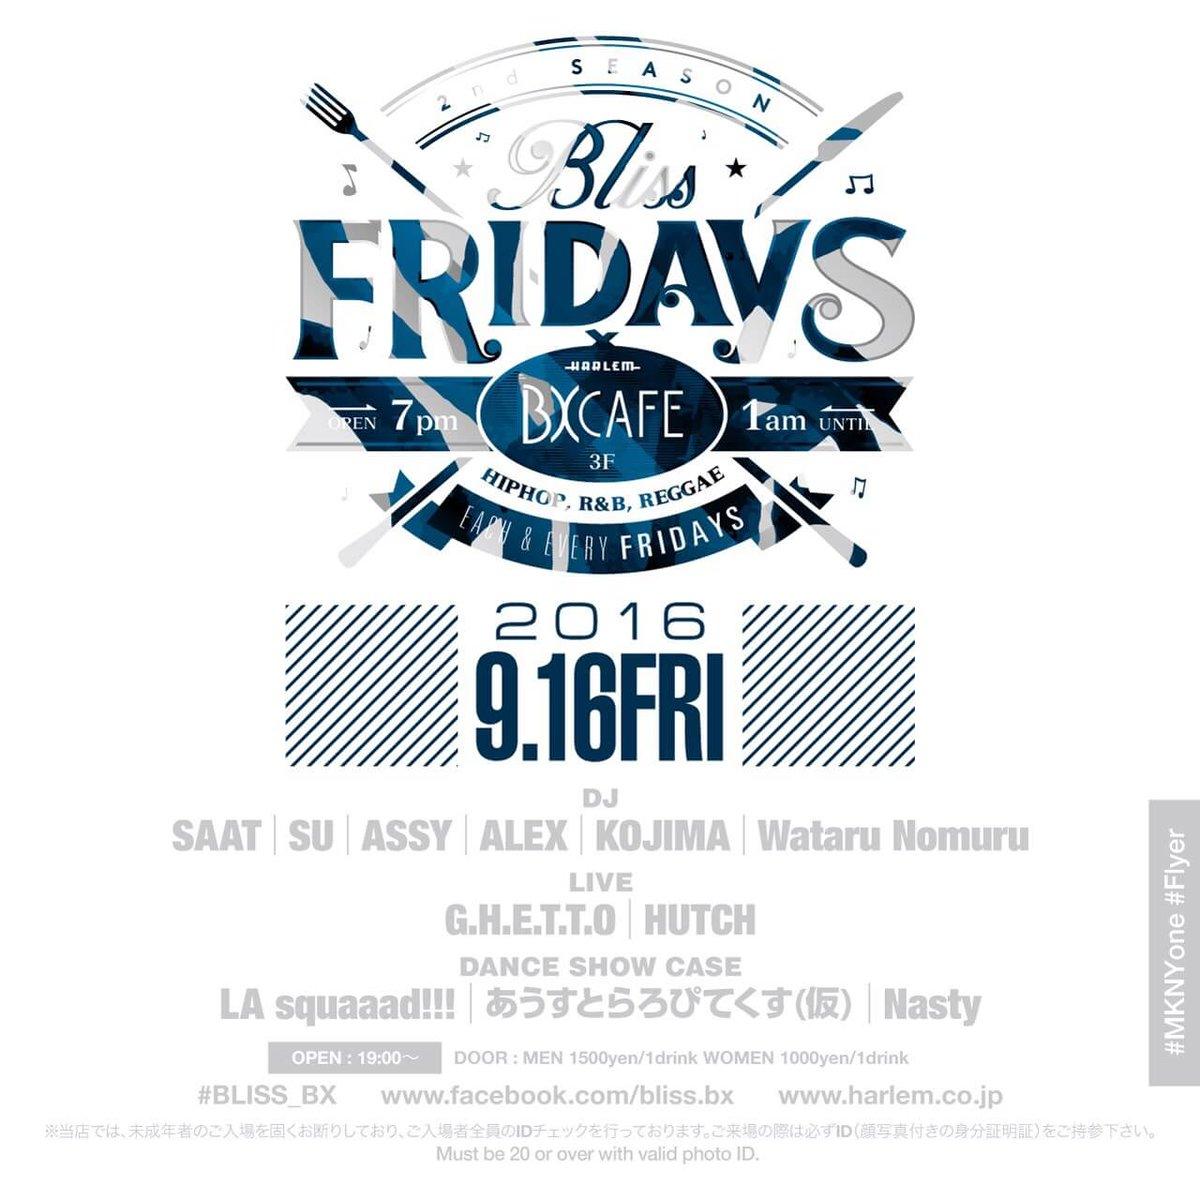 【今夜開催】9/16(FRI) BLISS FRIDAYS #bliss_bx 19:00 OPEN @djsaat @hood_by_ghetto @DJ_SU @djassy0615 @yasuc888 @DJ_ALEX_JP https://t.co/VnpGGaCxGj